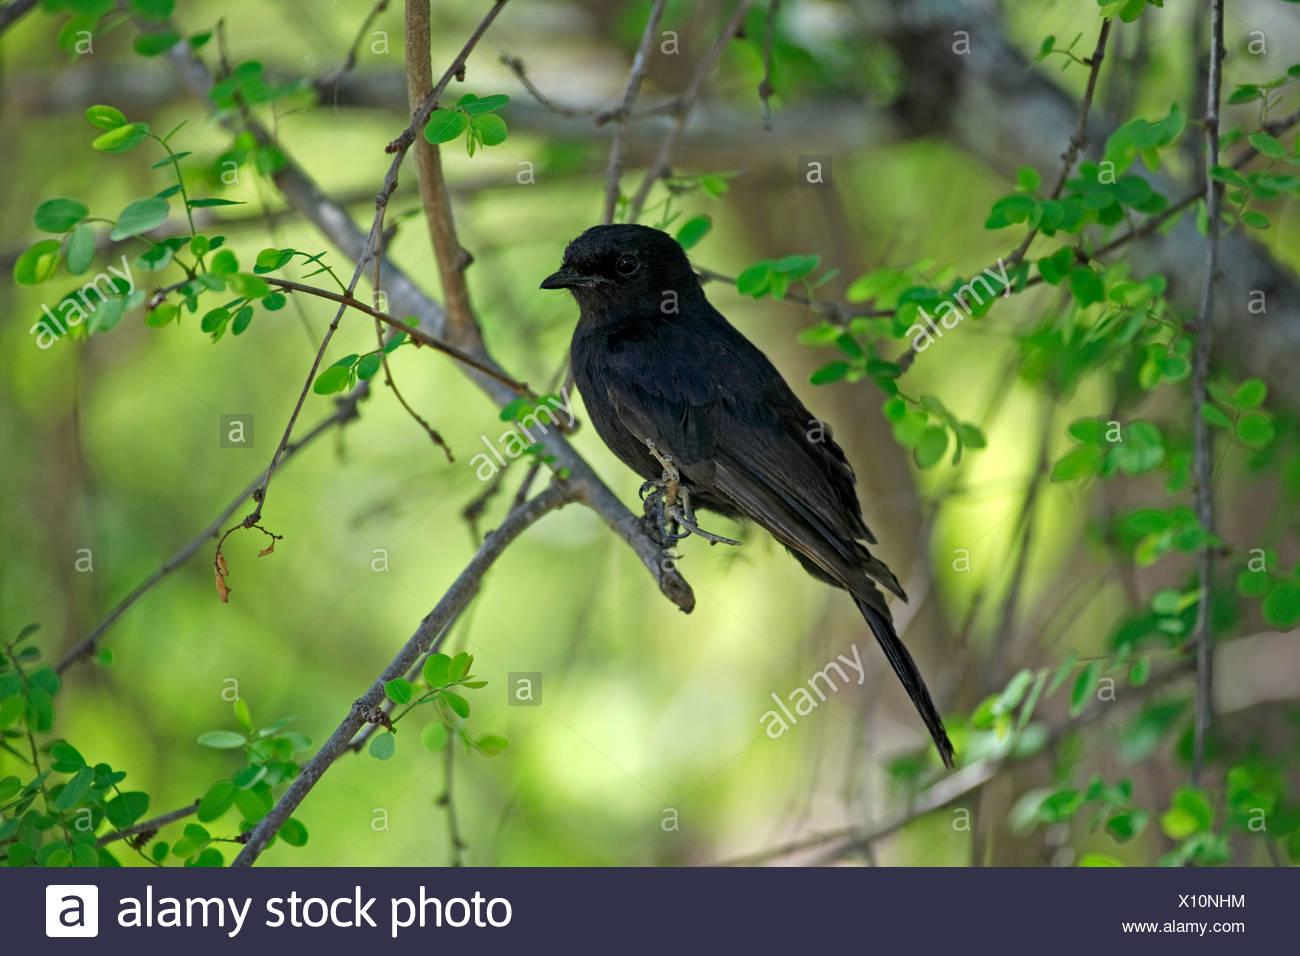 Southern Black Flycatcher - Stock Image